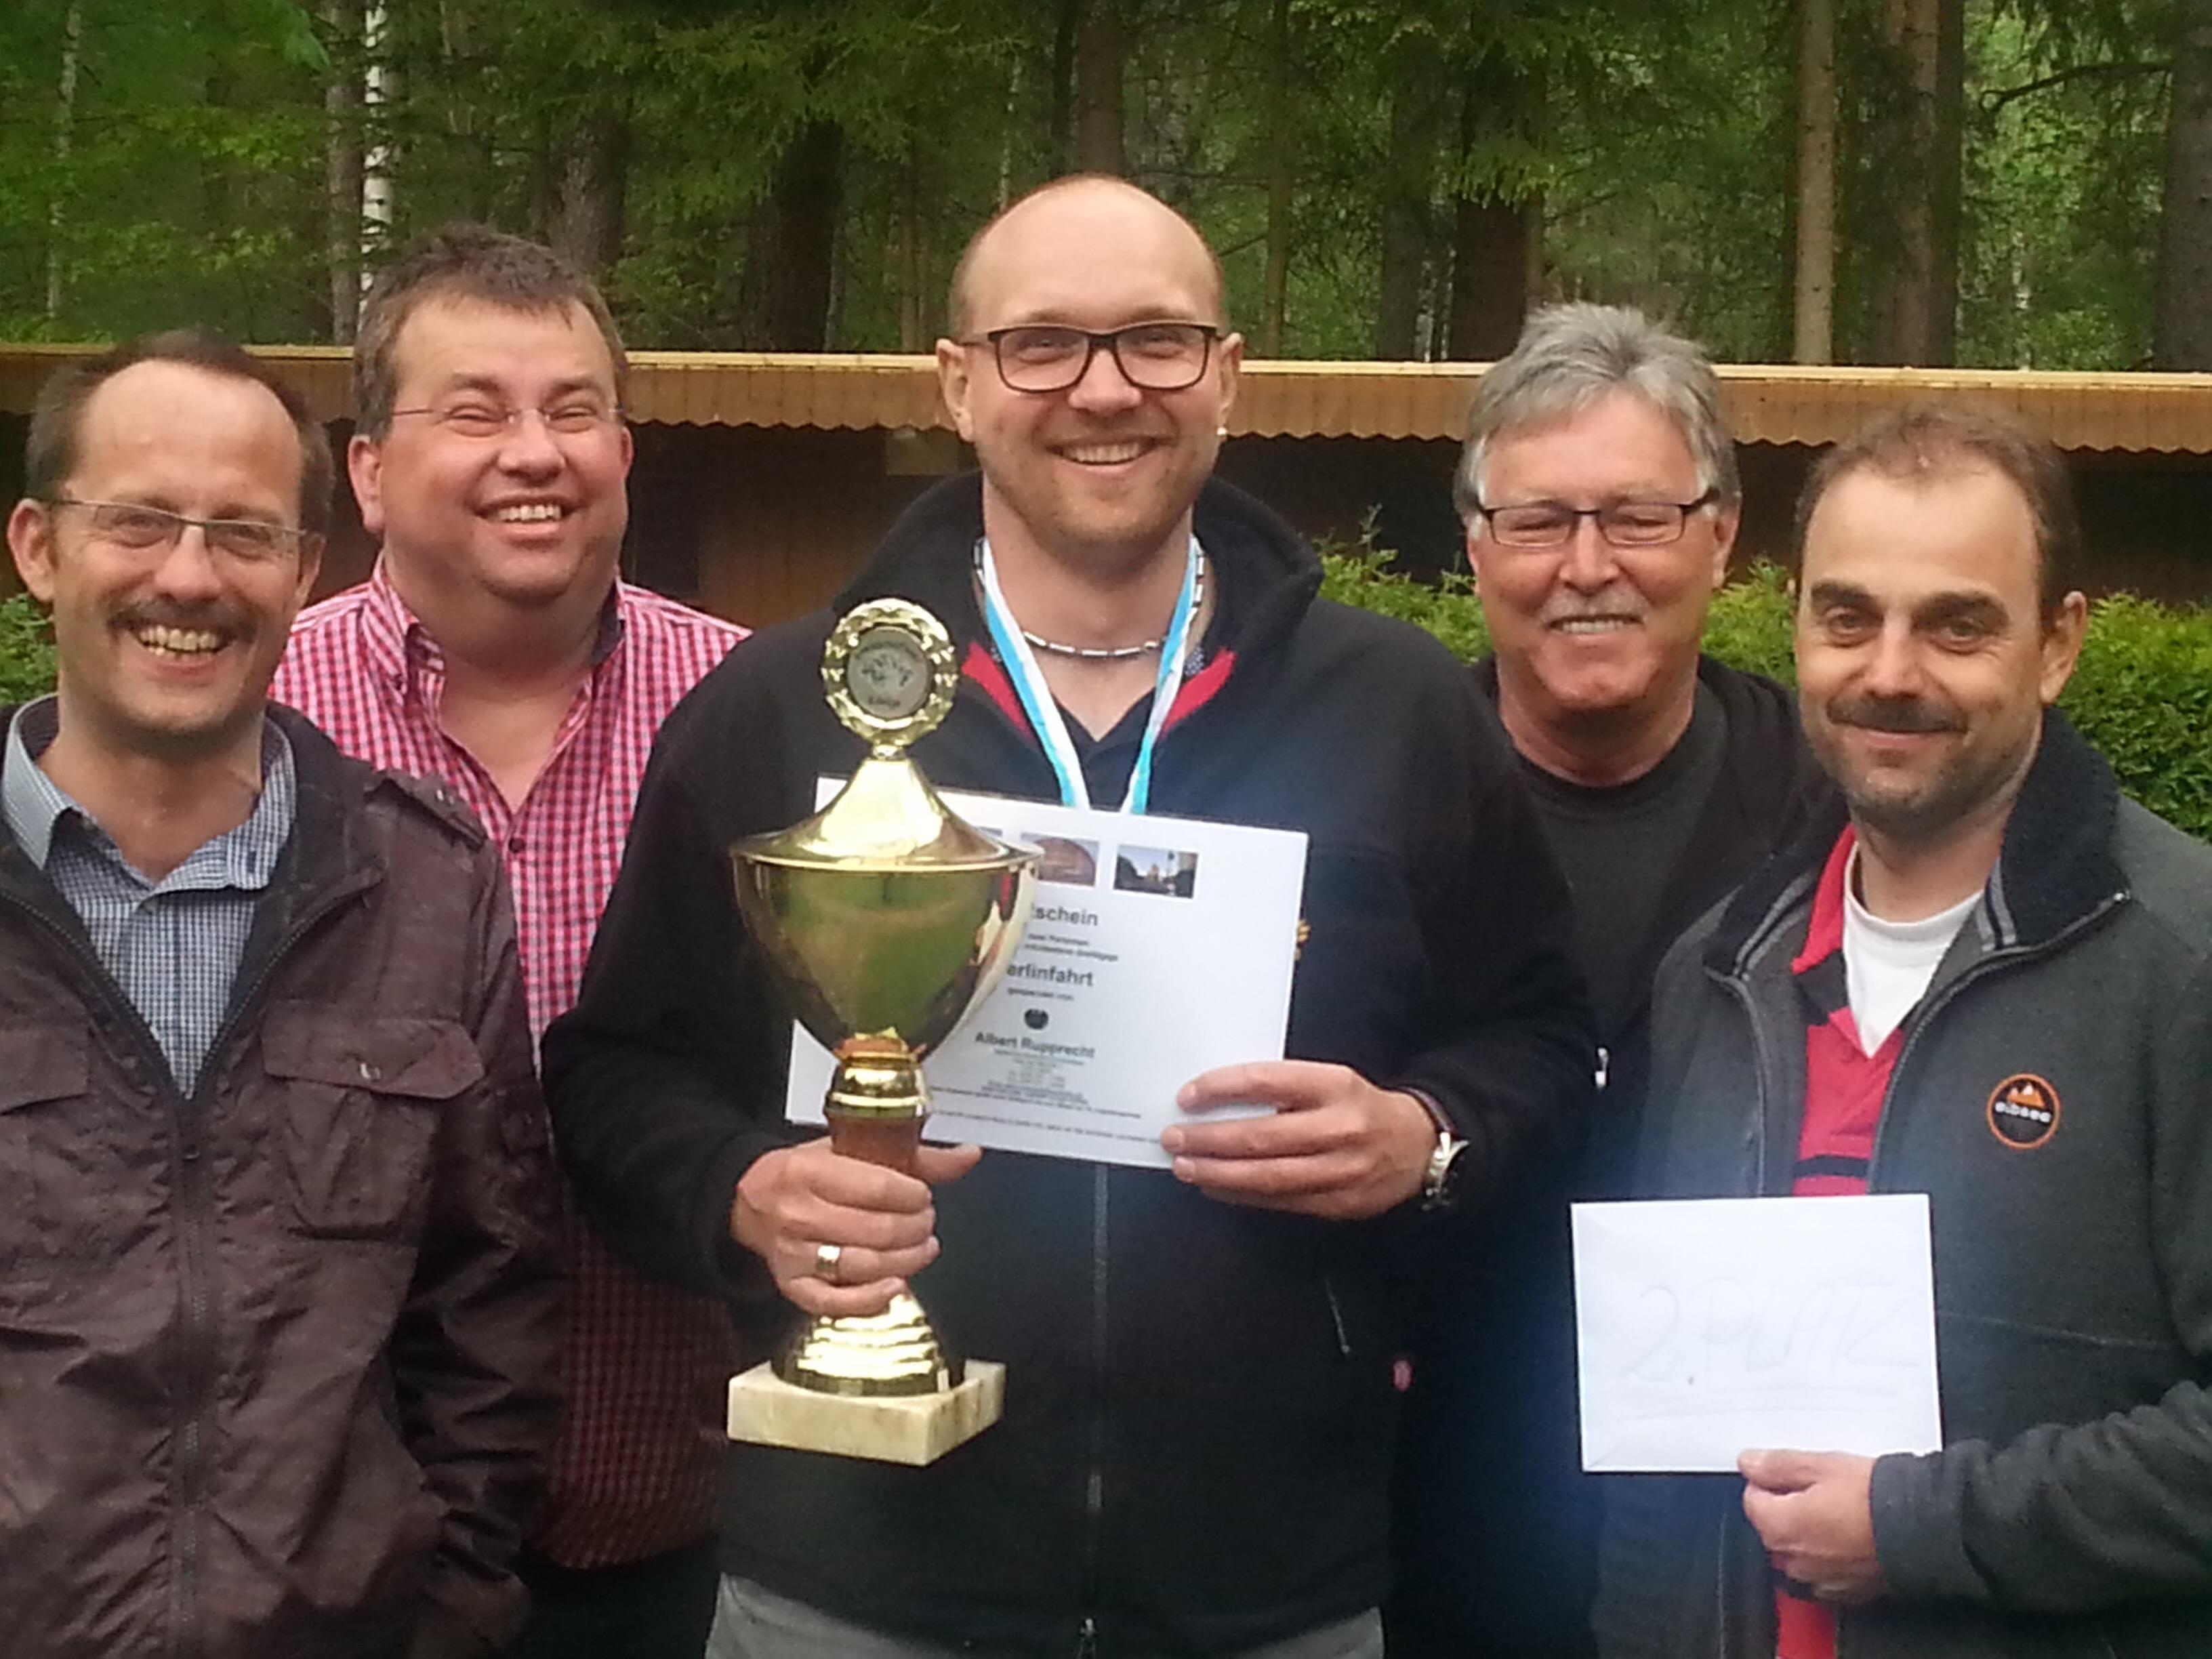 Die Sieger des Preisschafkopfes Jürgen Zintl, Lothar Eismann, Markus Frischmann, Rainer Flierl und Stephan Kick